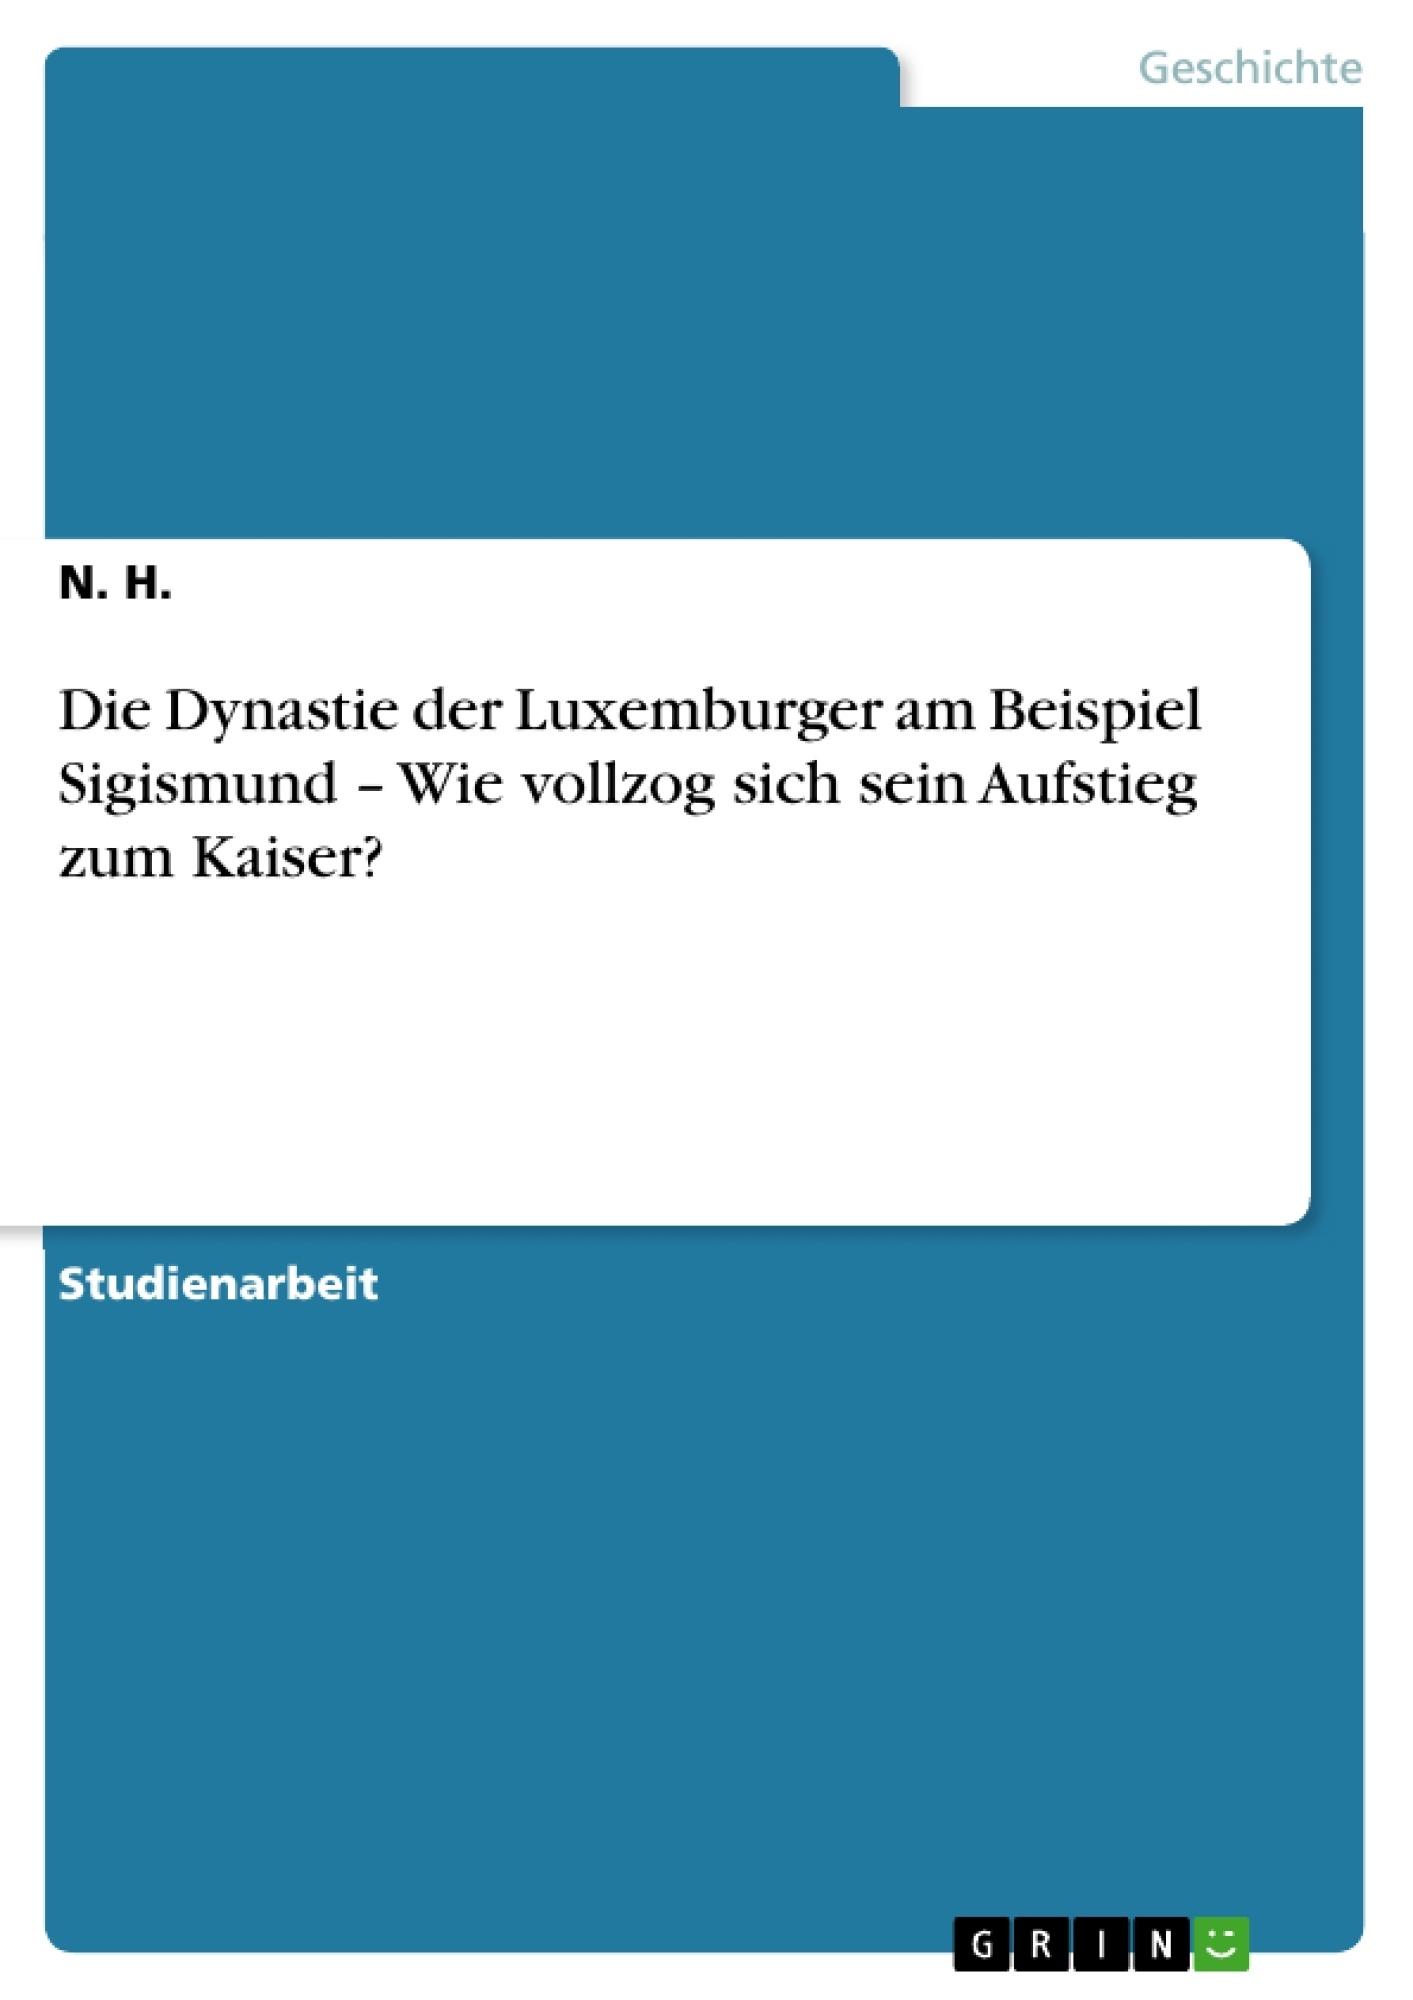 Titel: Die Dynastie der Luxemburger am Beispiel Sigismund – Wie vollzog sich sein Aufstieg zum Kaiser?